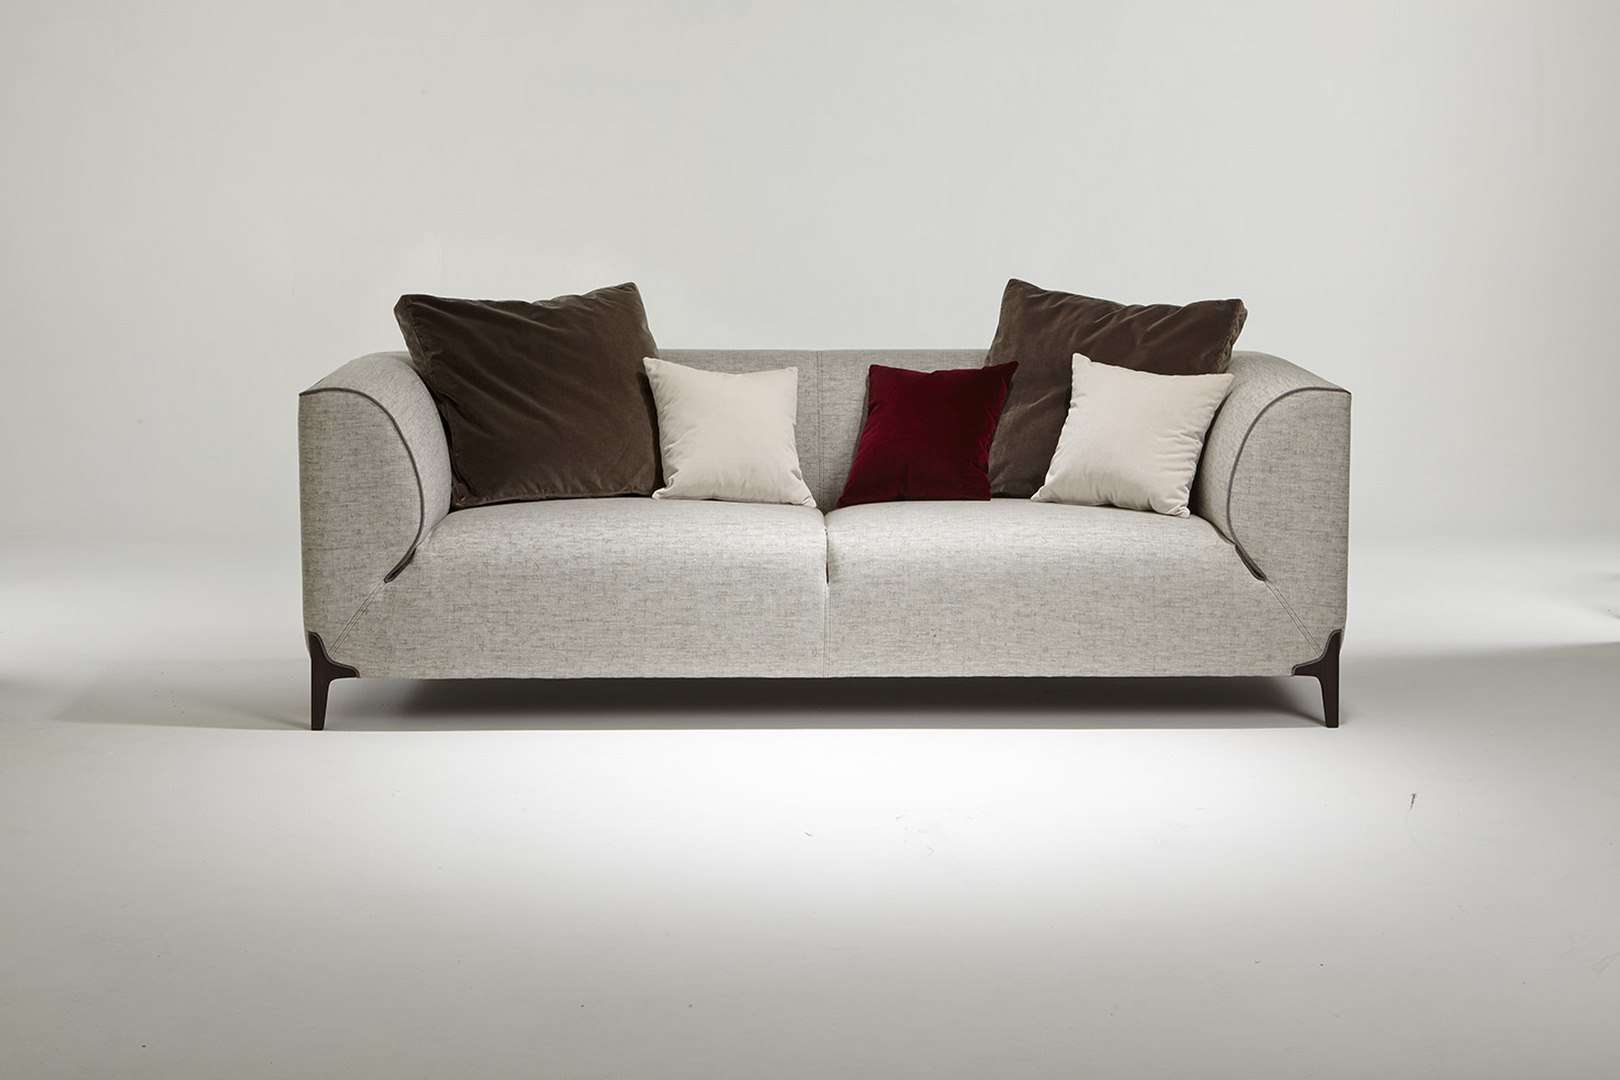 Canapé haut de gamme créé par le designer Emmanuel Gallina